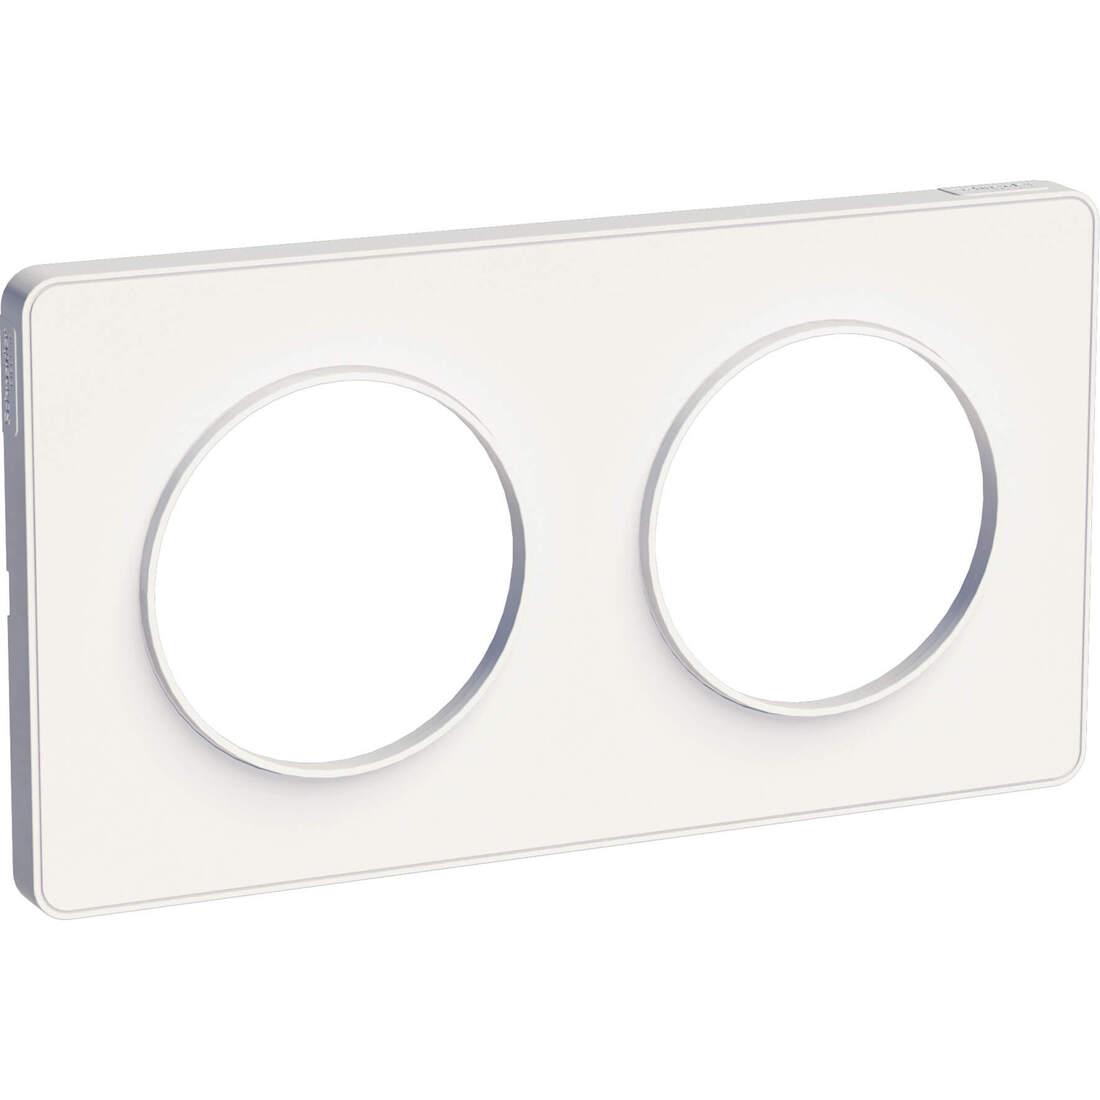 Schneider-Merten Odace Touch afdekraam 2-voudig wit (S520804)